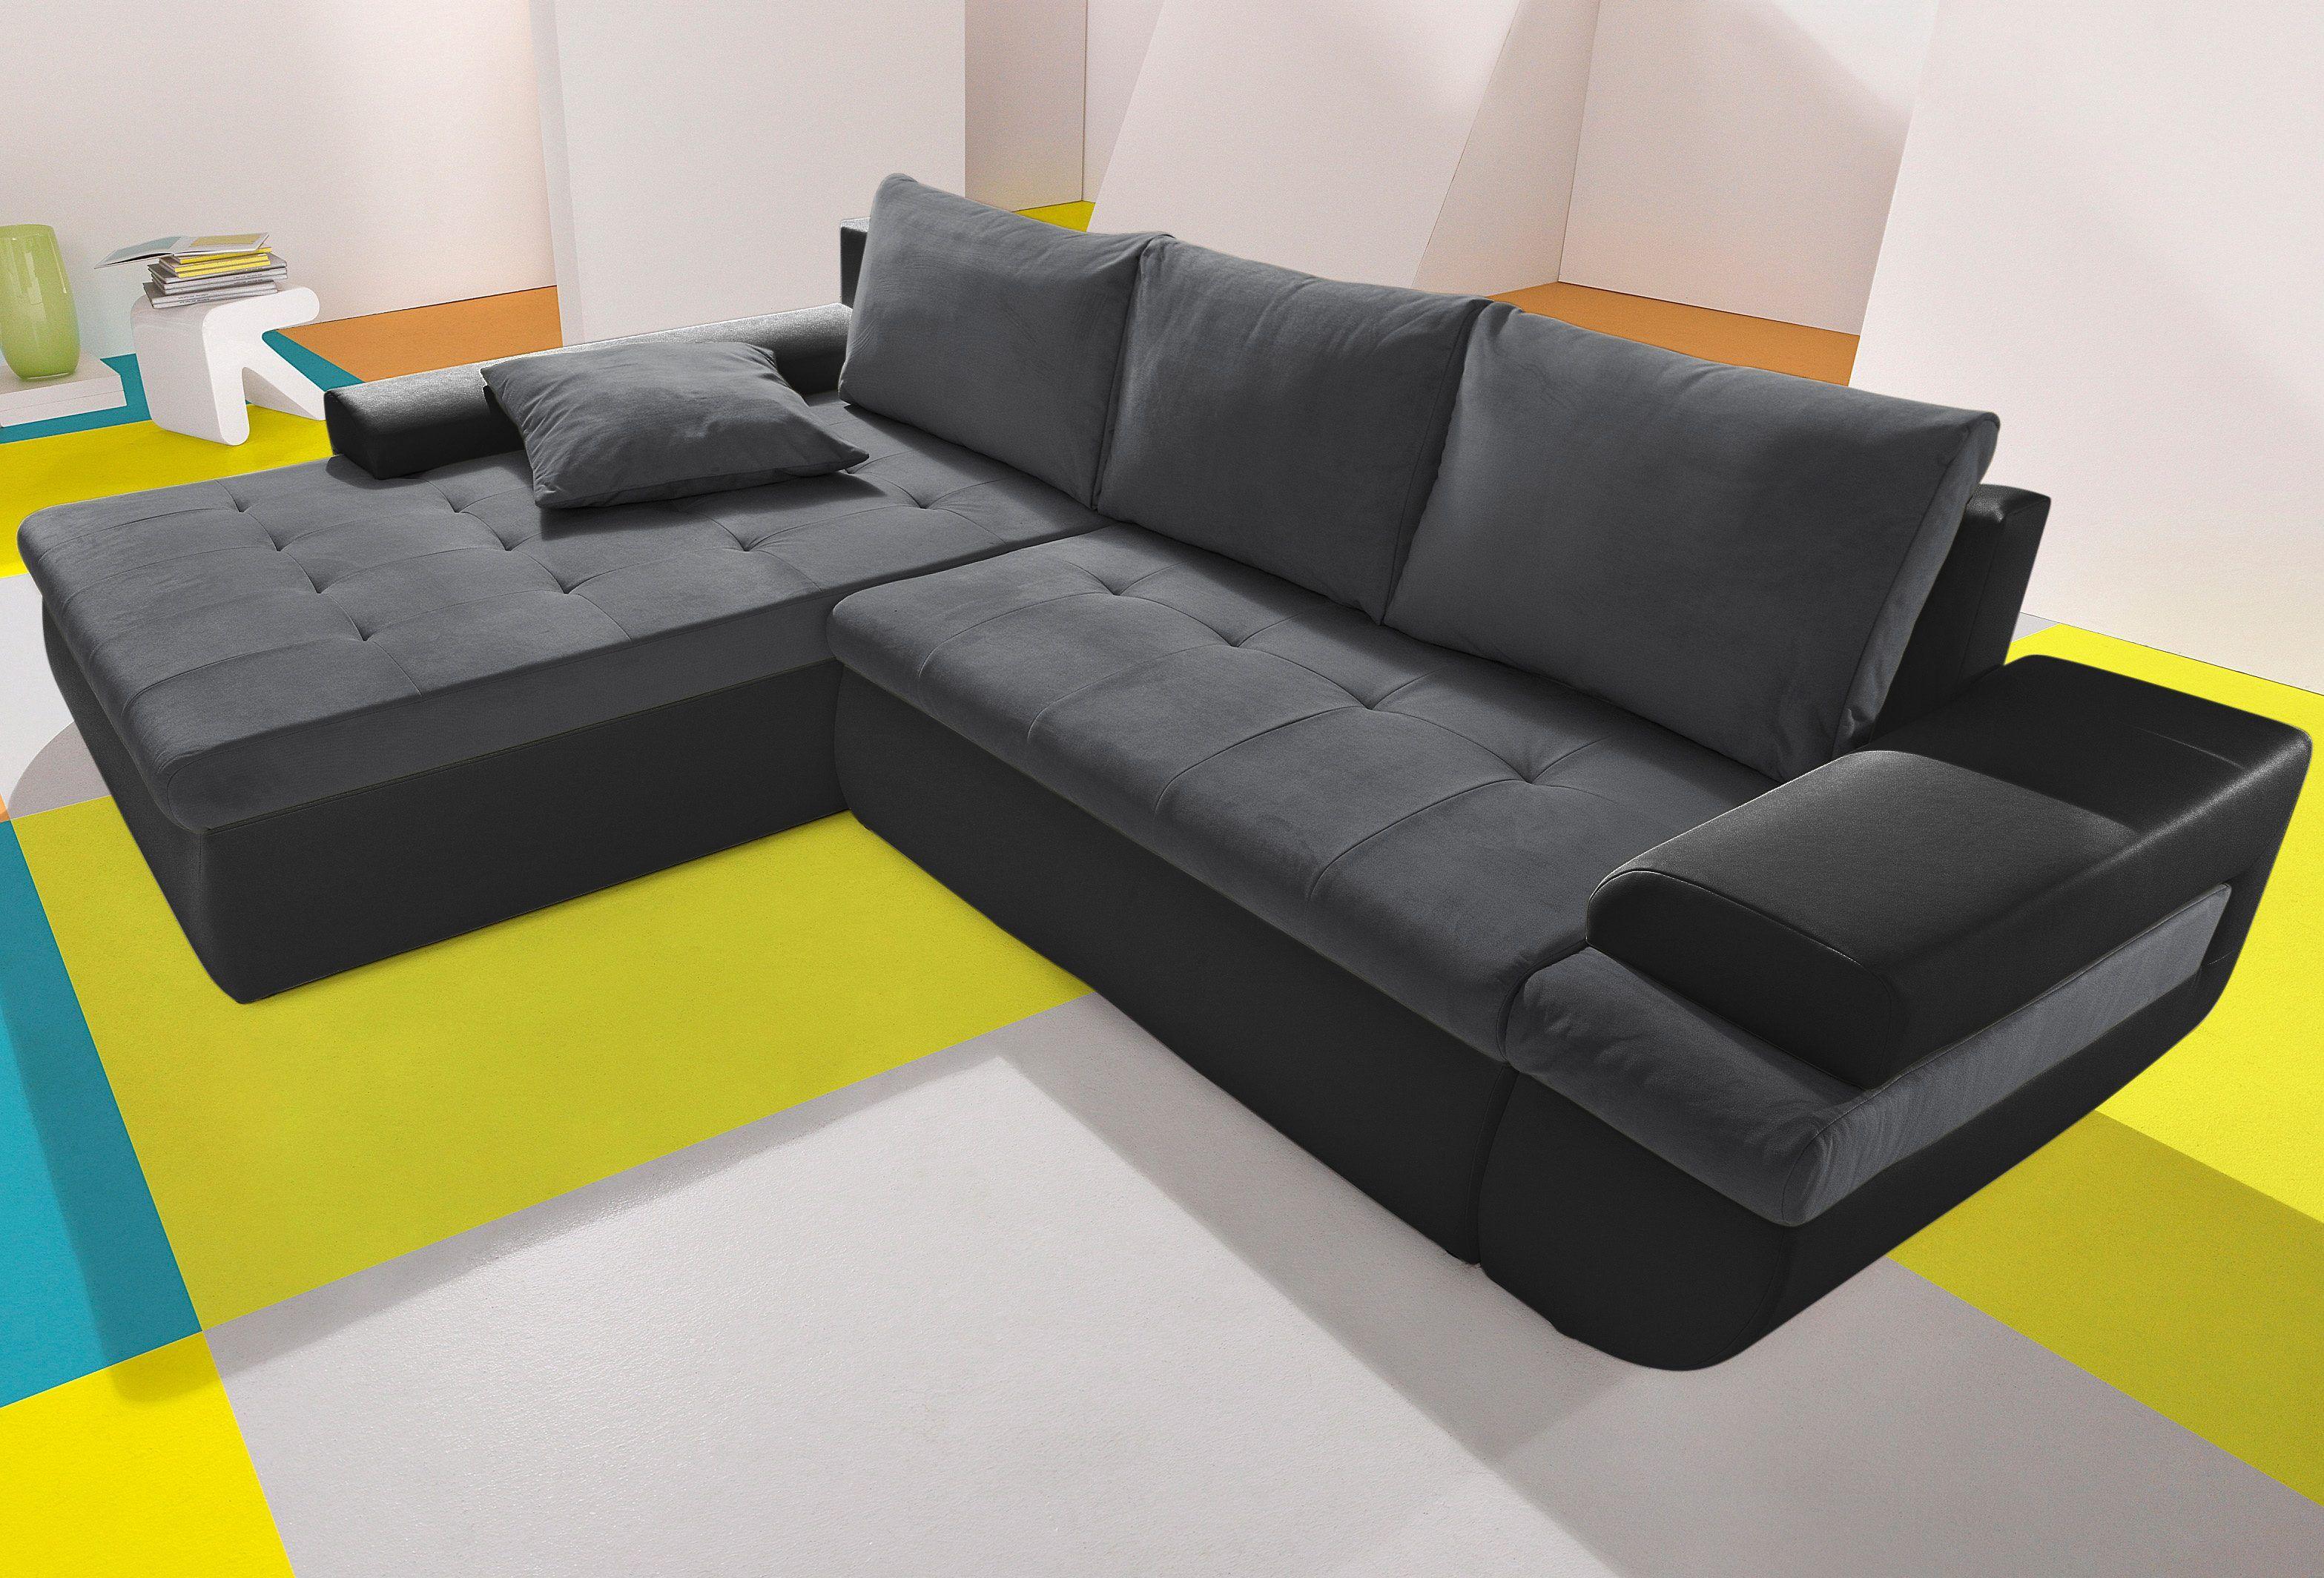 Verführerisch Sofa Mit Recamiere Ideen Von Couch